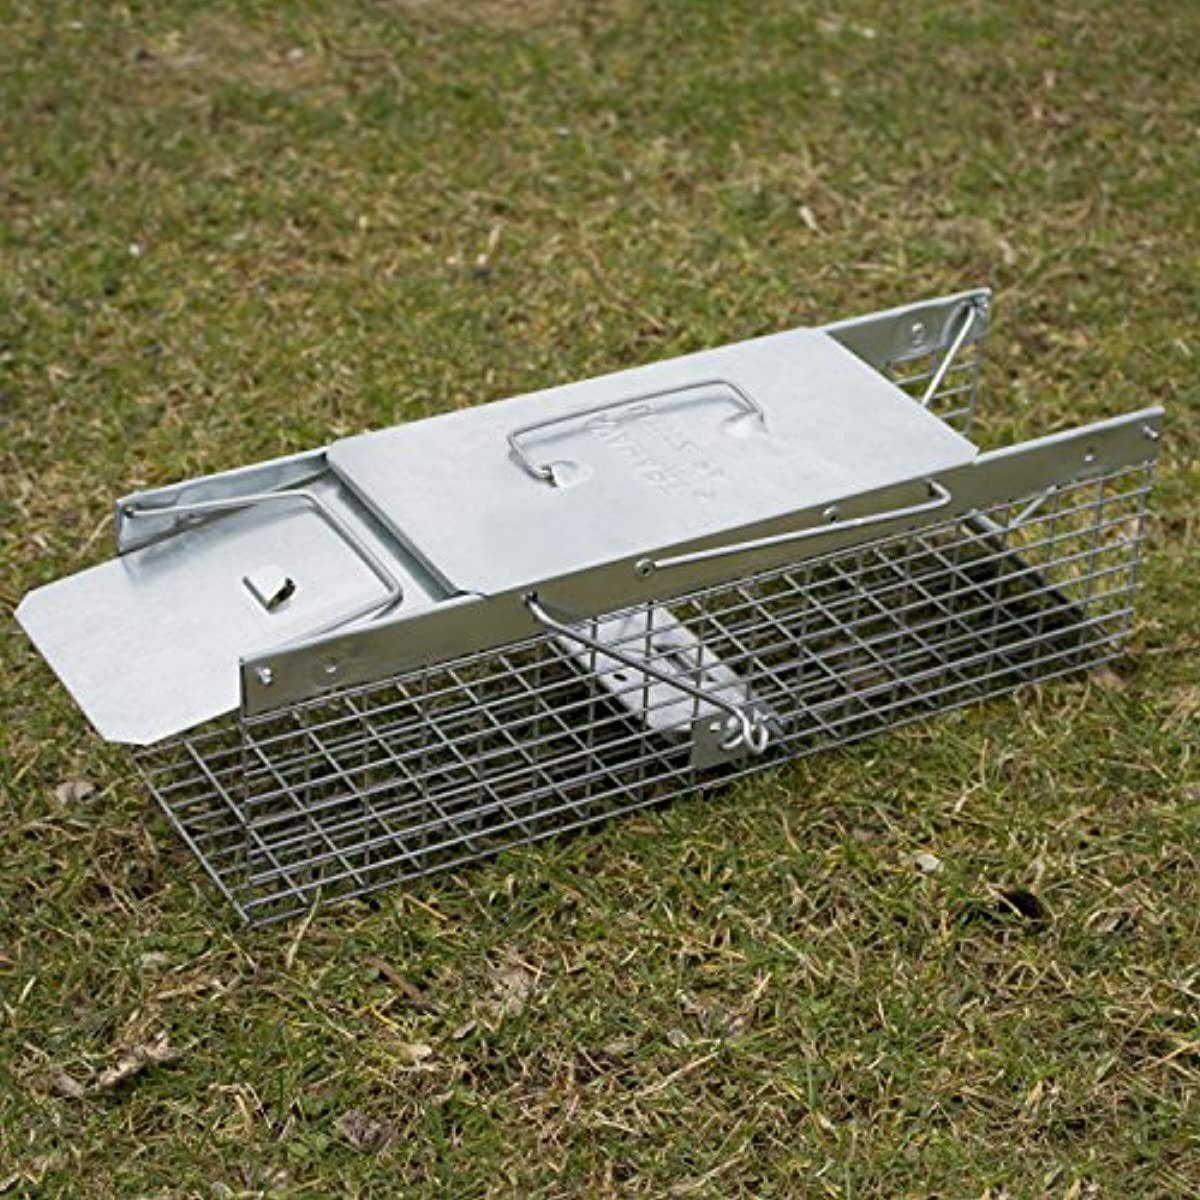 Havahart 2-Door Live – Ideal catching squirrels, ch